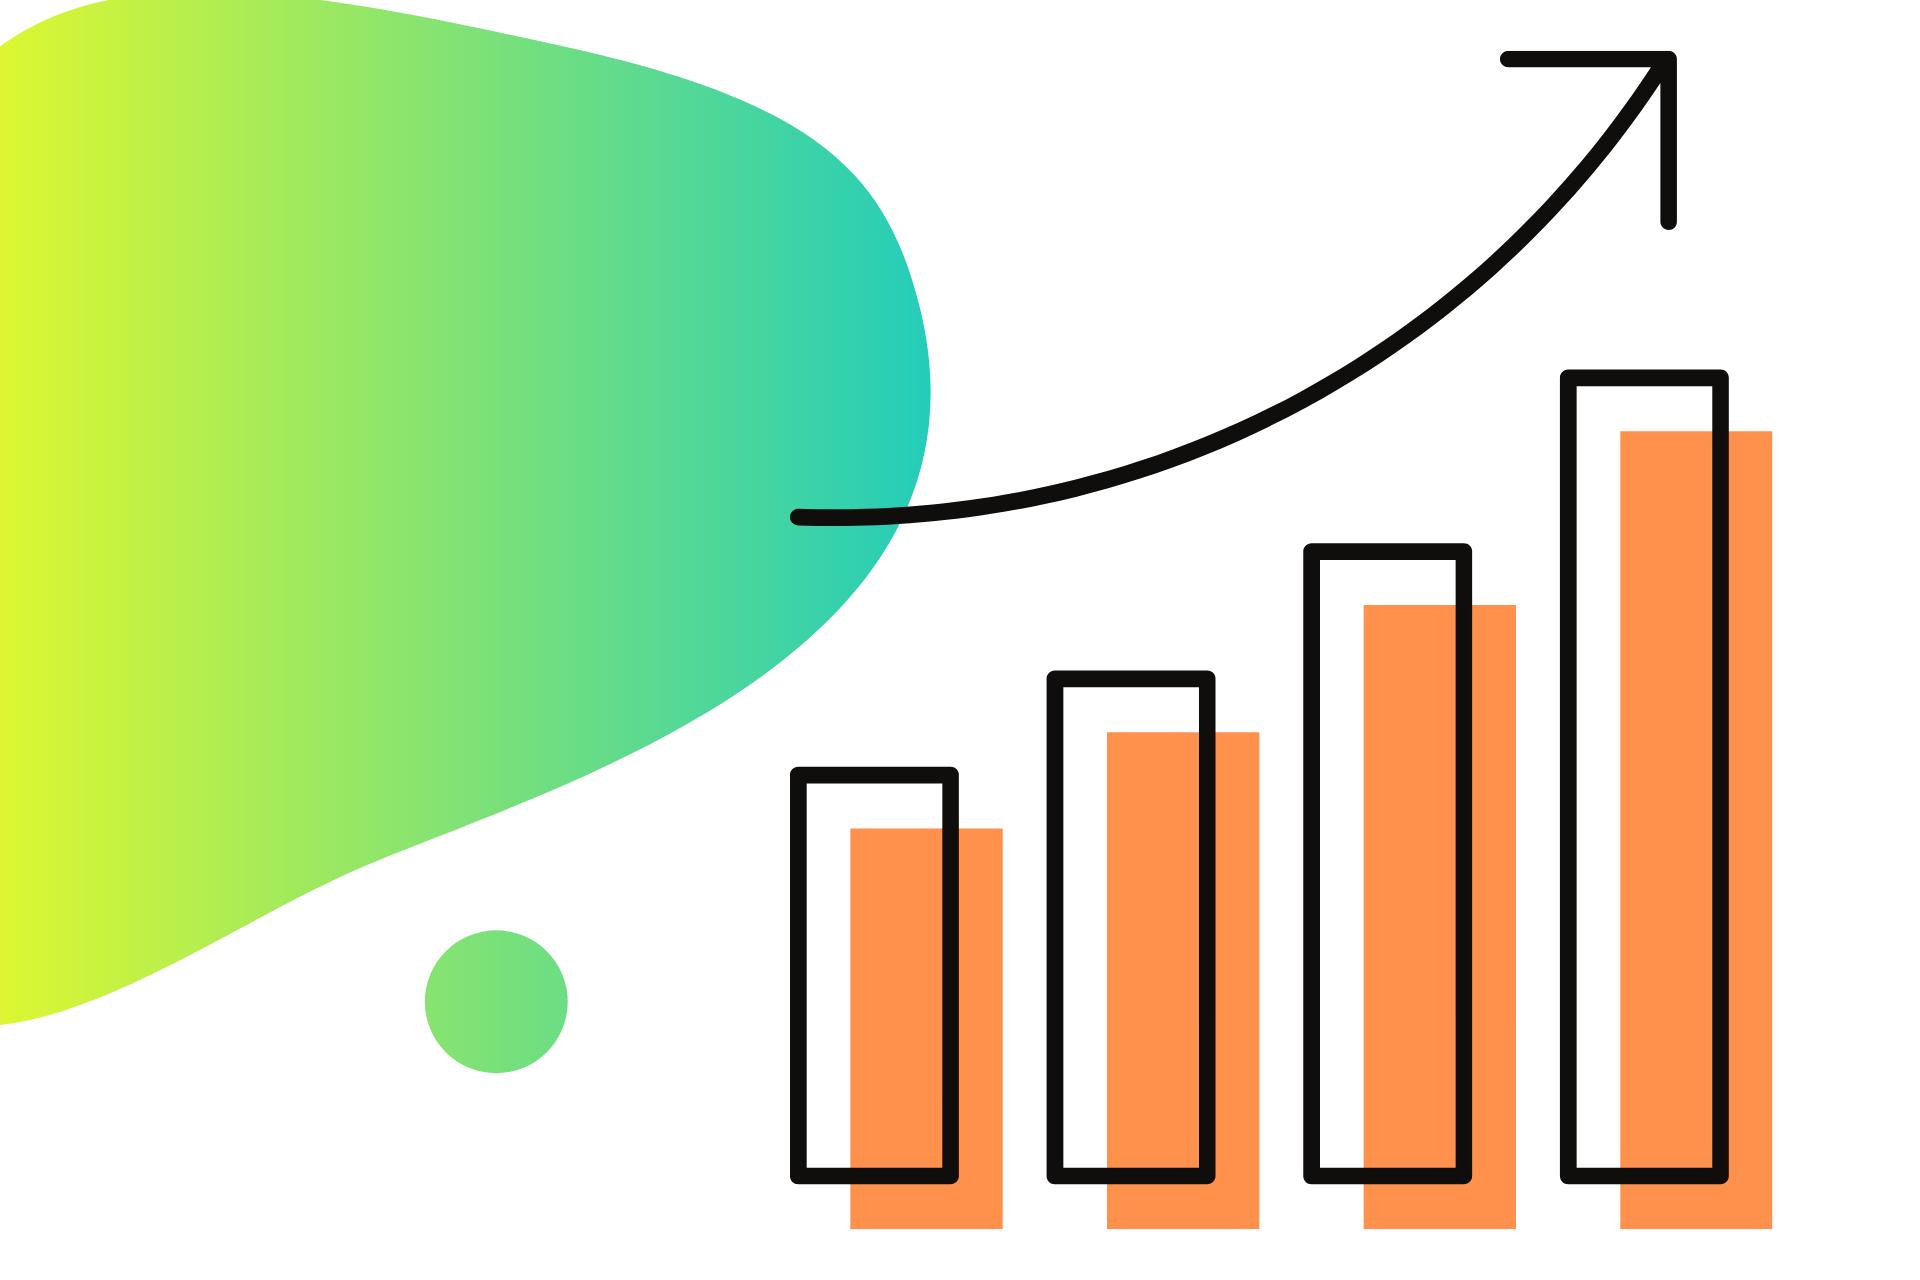 Call Analytics: Marketing's unsung heroes